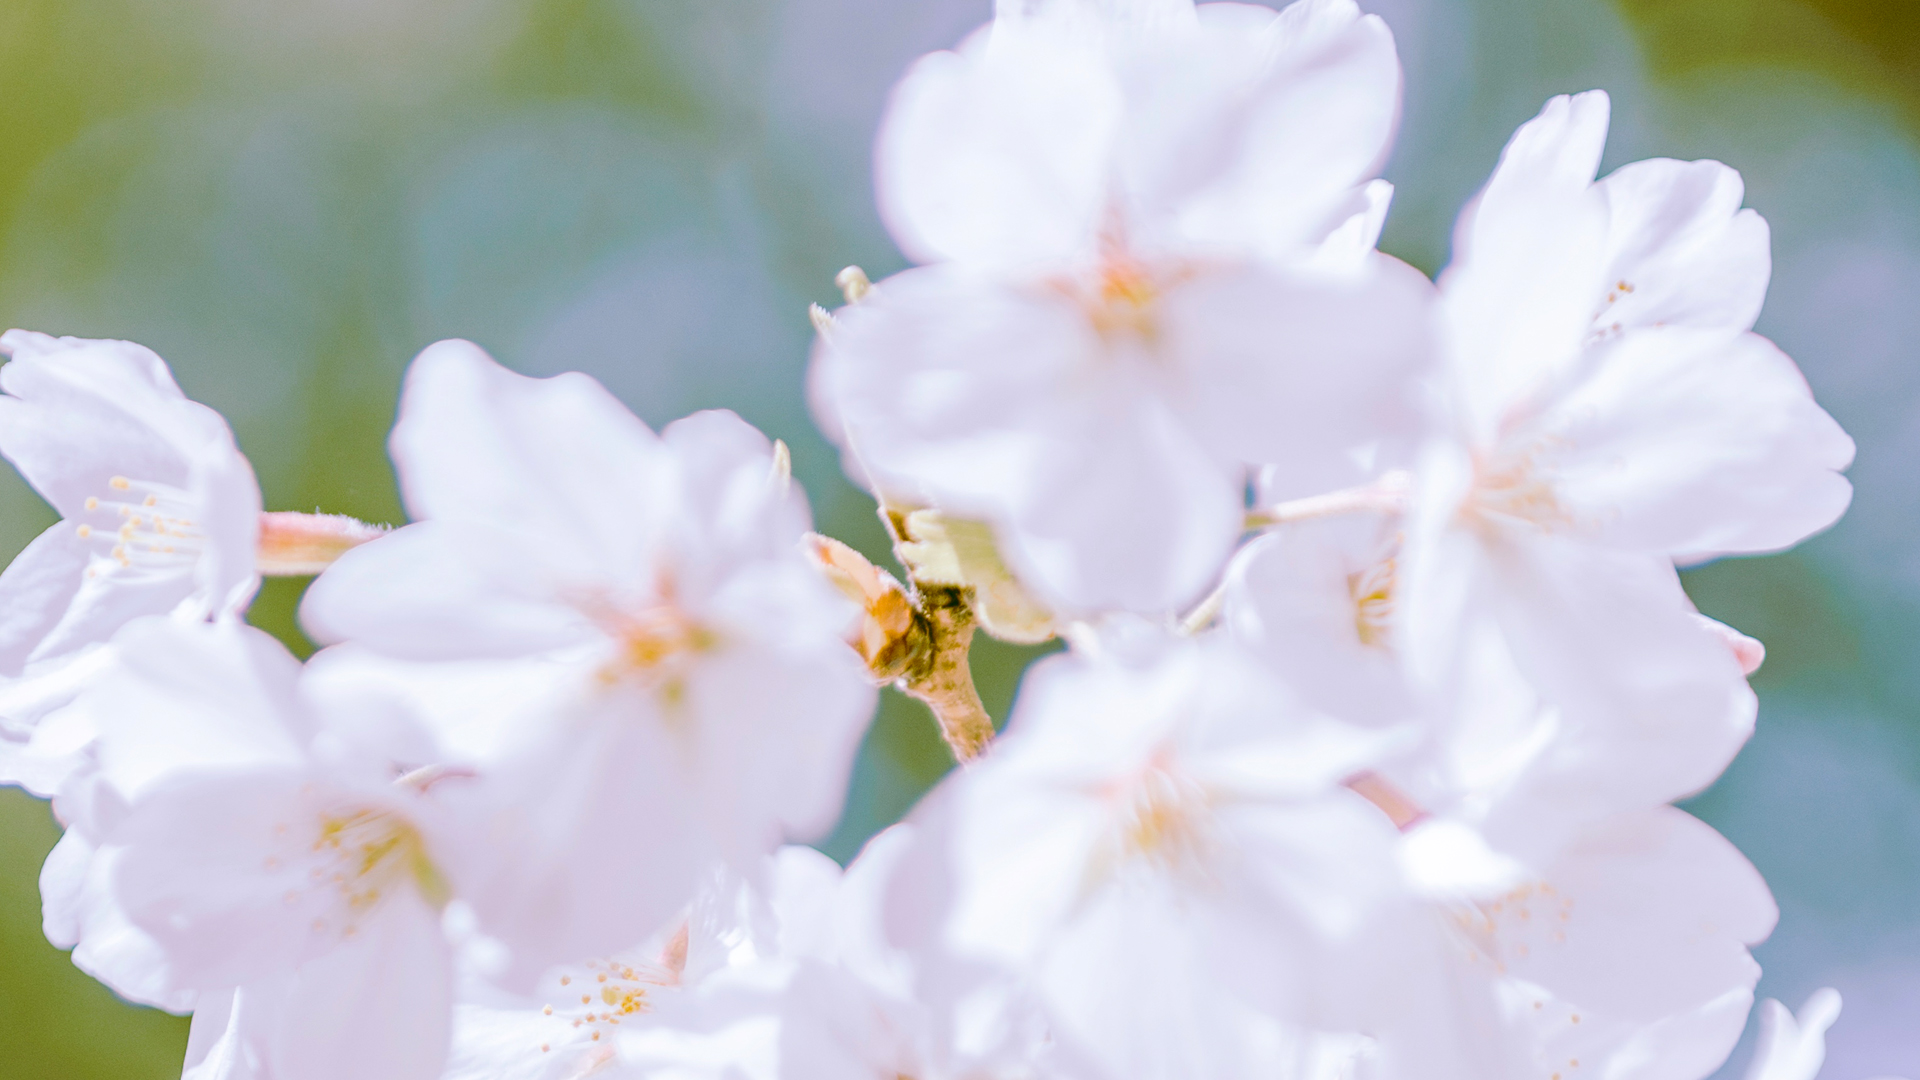 盛夏的樱花树唯美图片苹果电脑宽屏壁纸